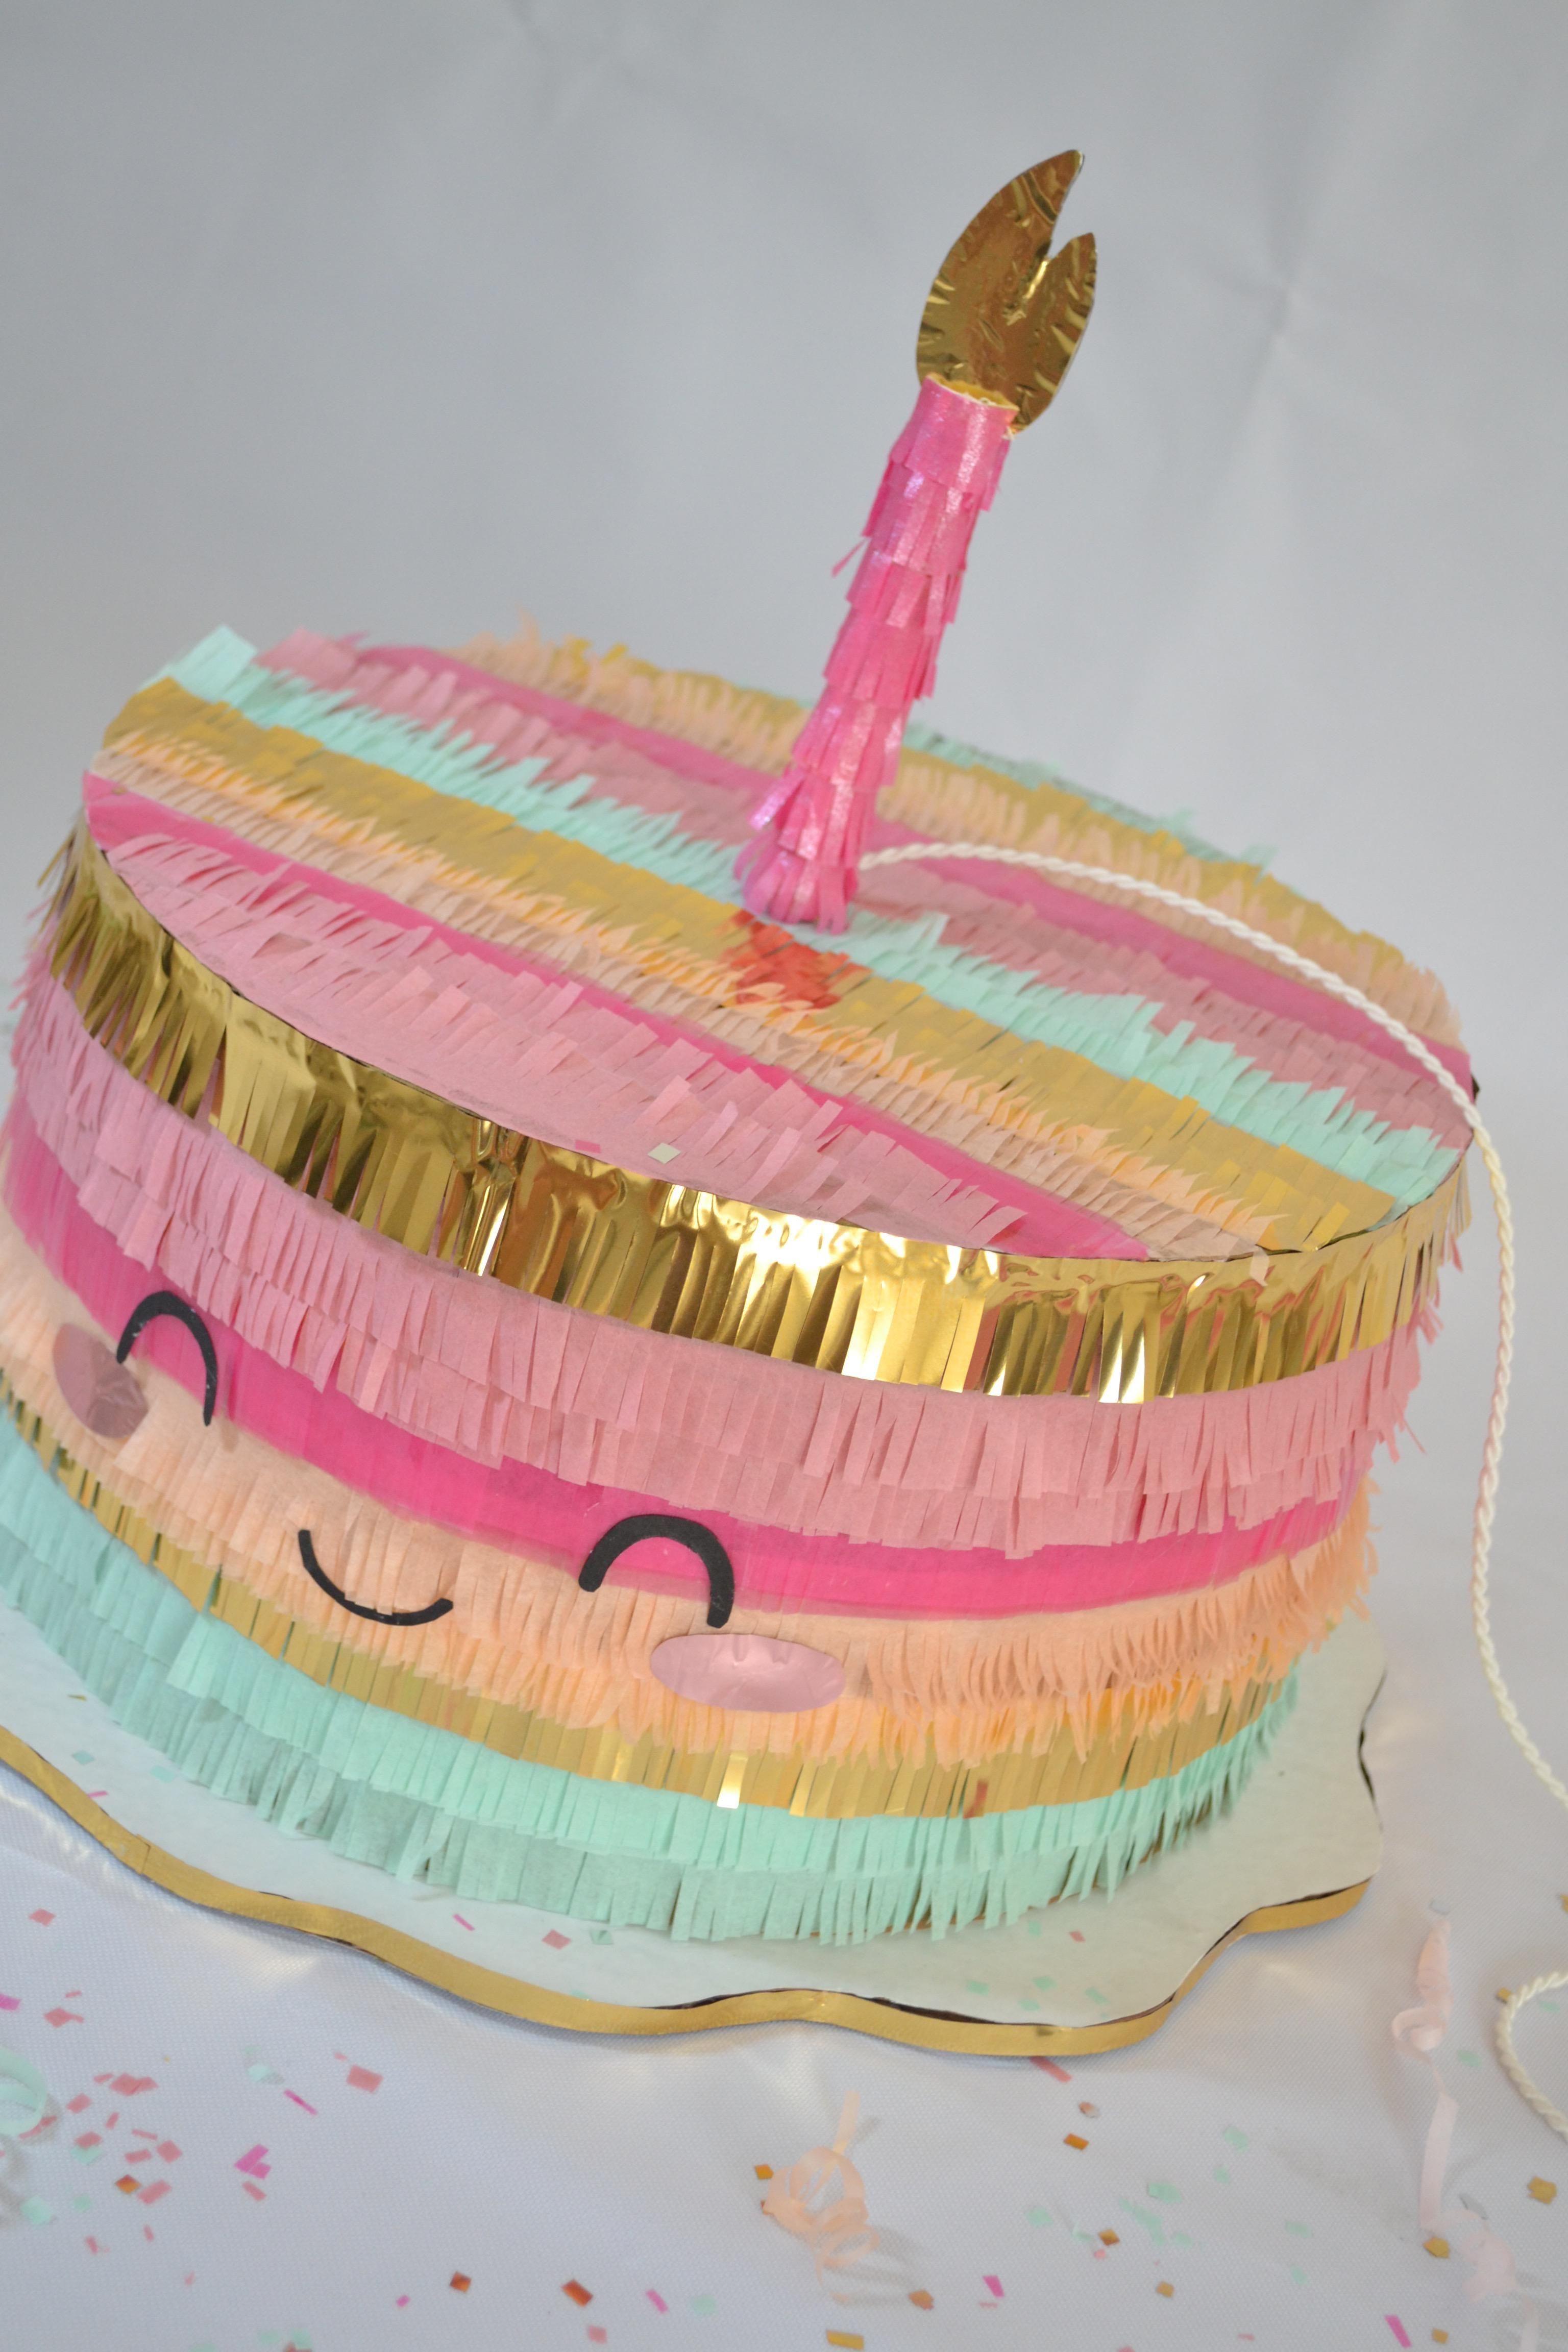 Outstanding Pastel De Cumpleanos Pastel Pinata Cake Pinatas Mini Pinatas Funny Birthday Cards Online Alyptdamsfinfo